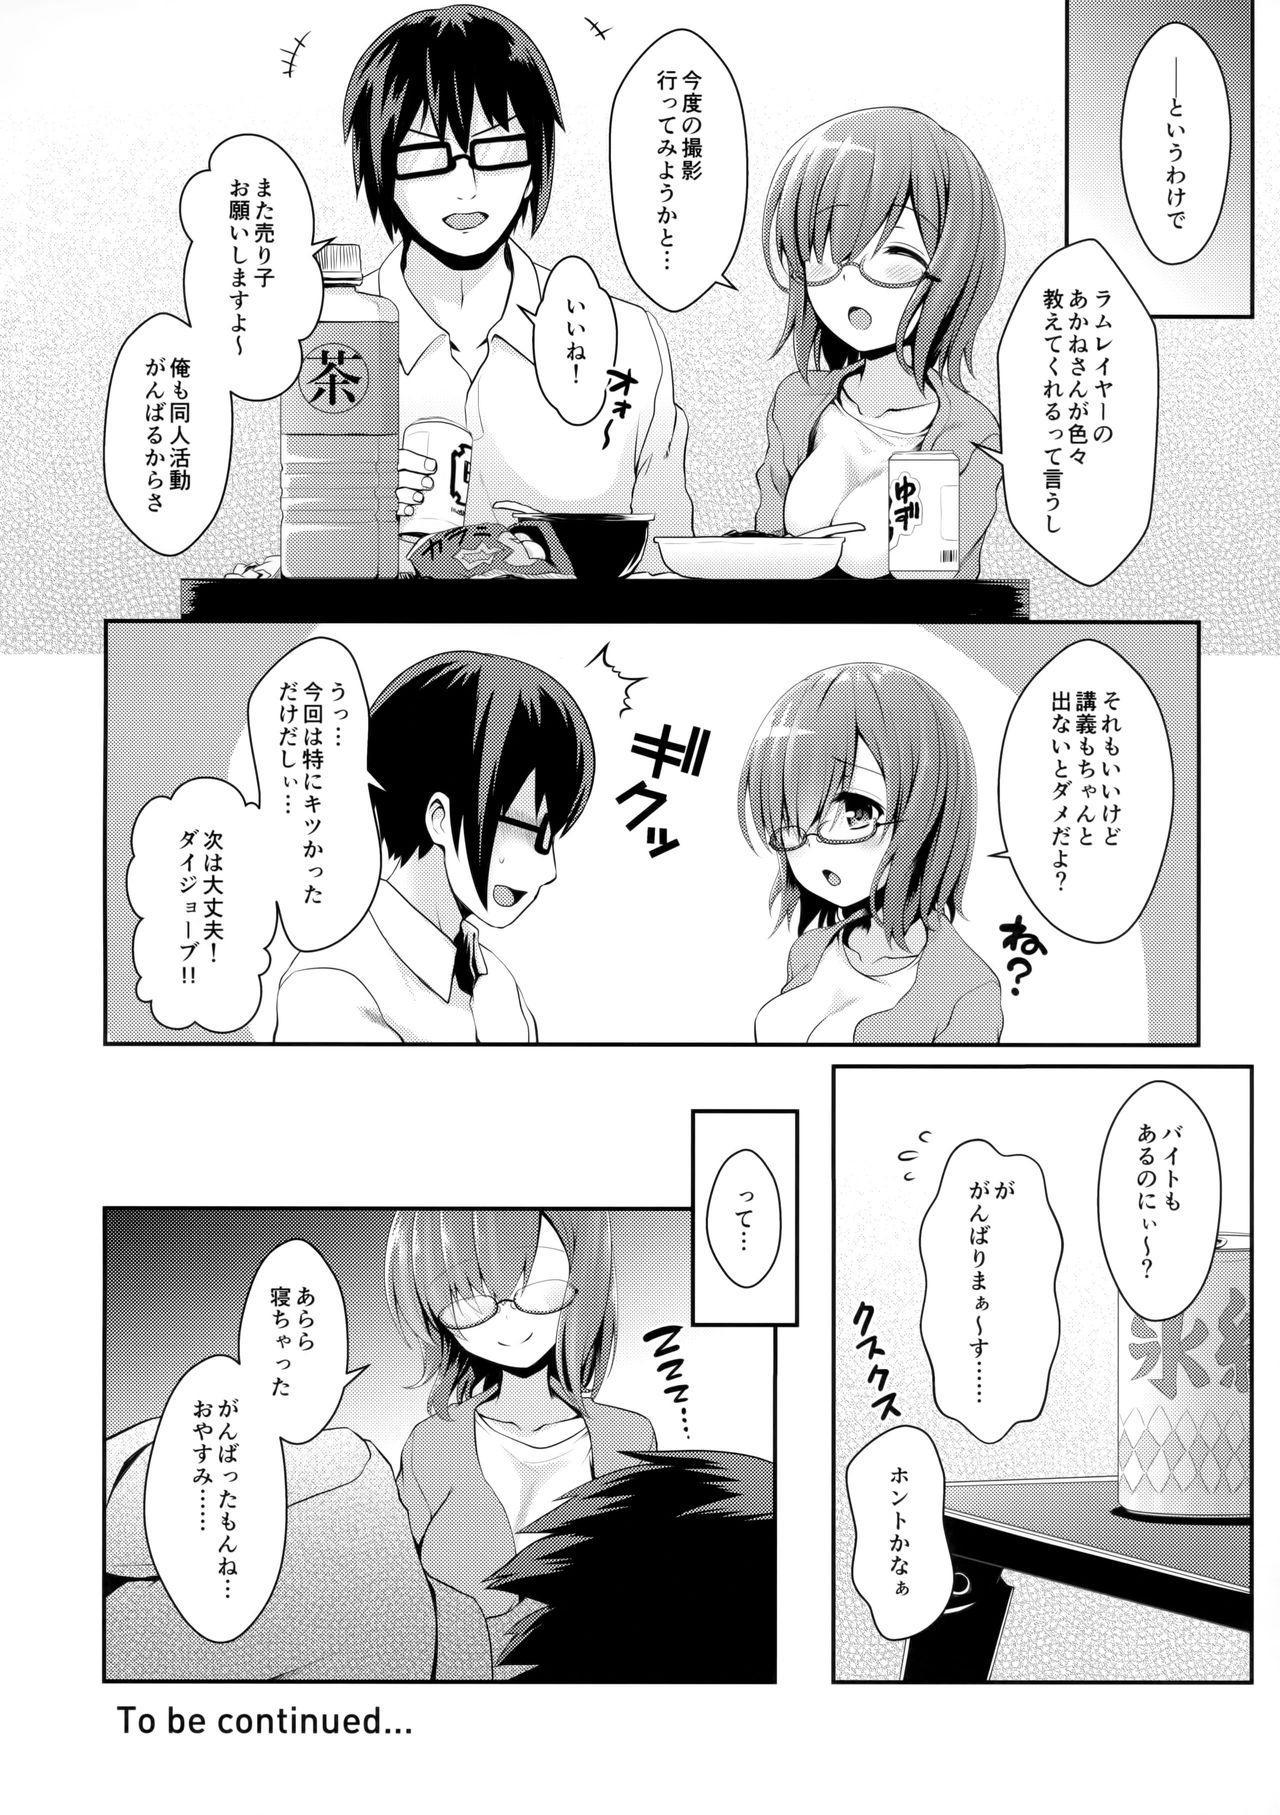 Zero kara Hajimeru Cosplay Seikatsu 18